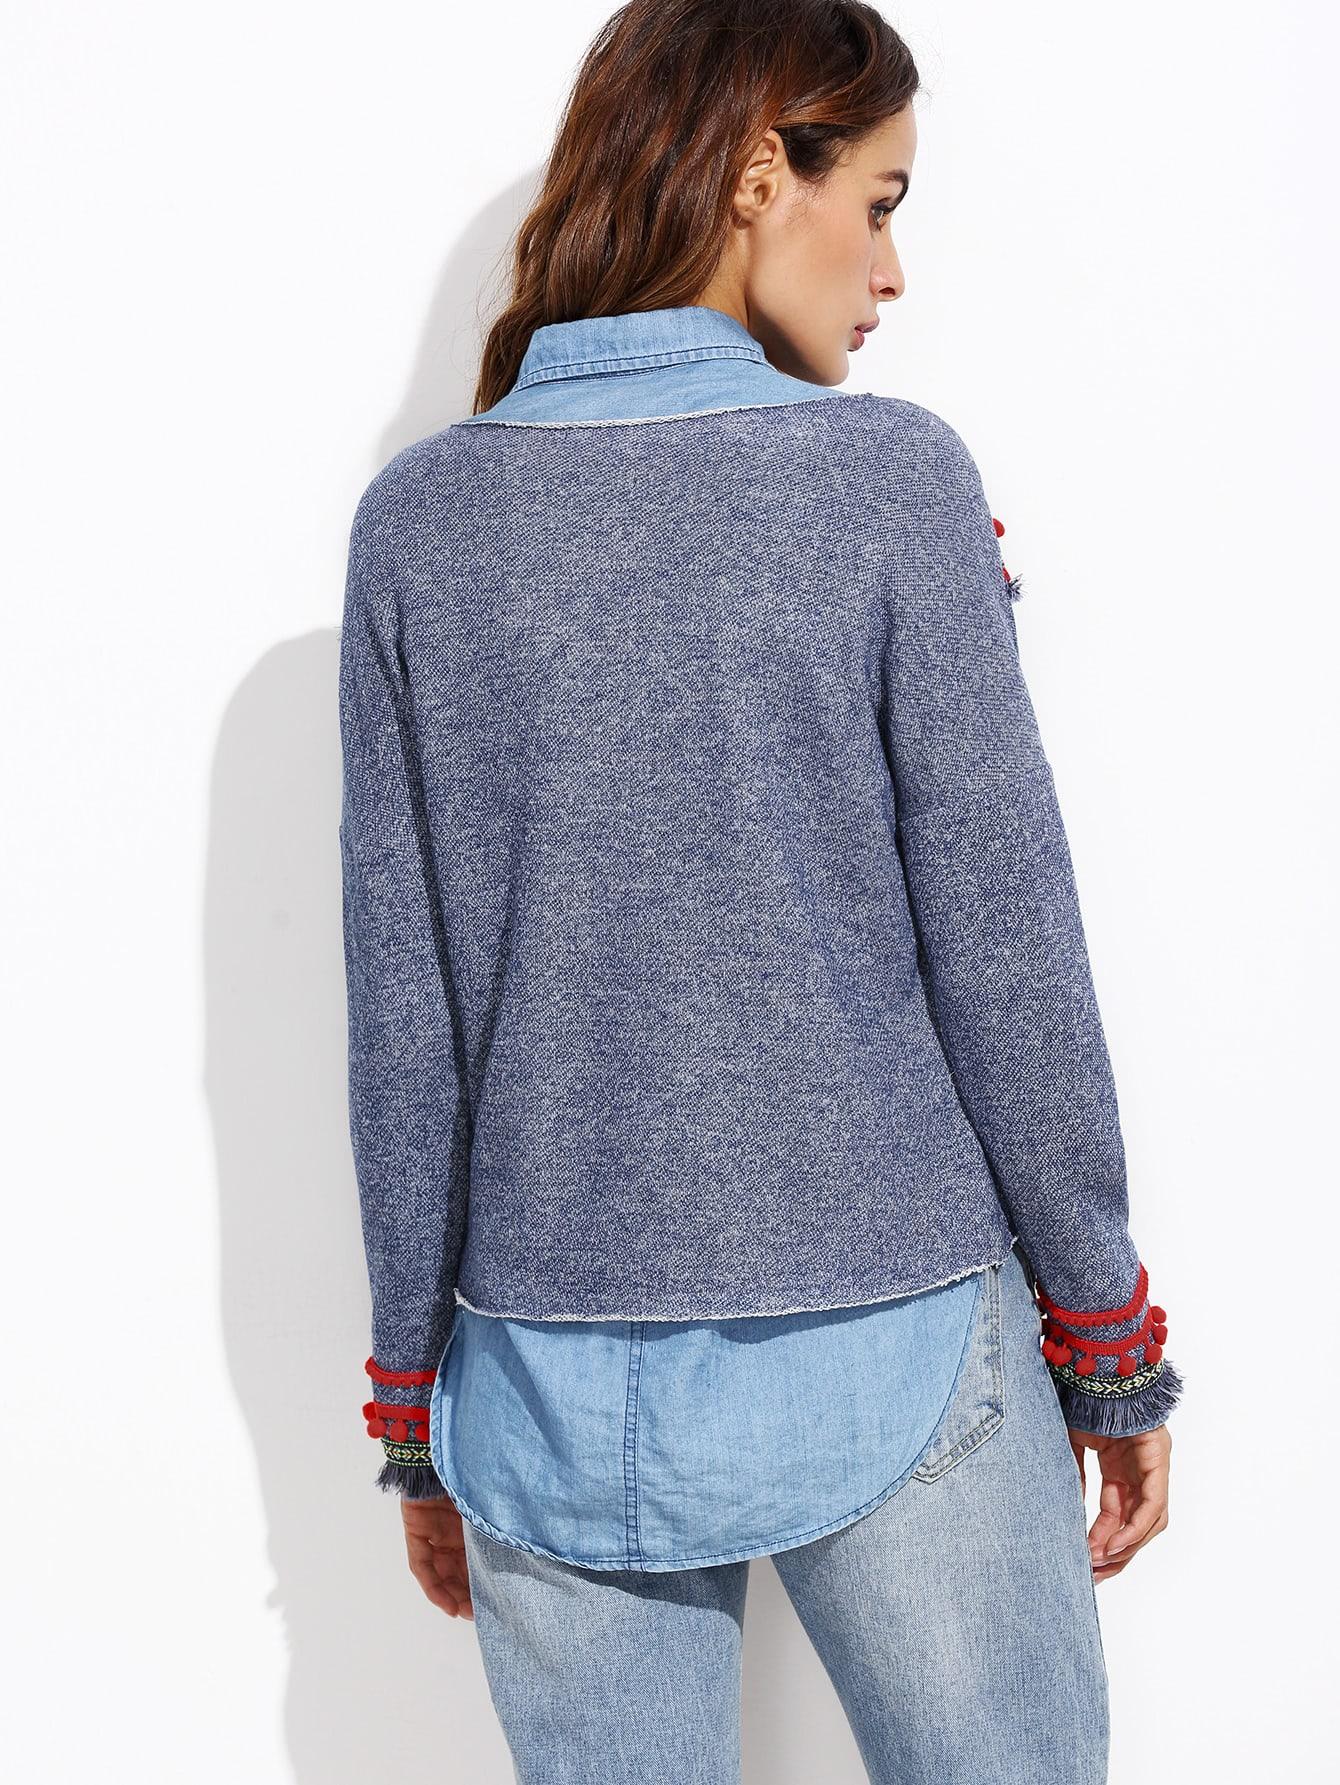 sweatshirt160823501_2